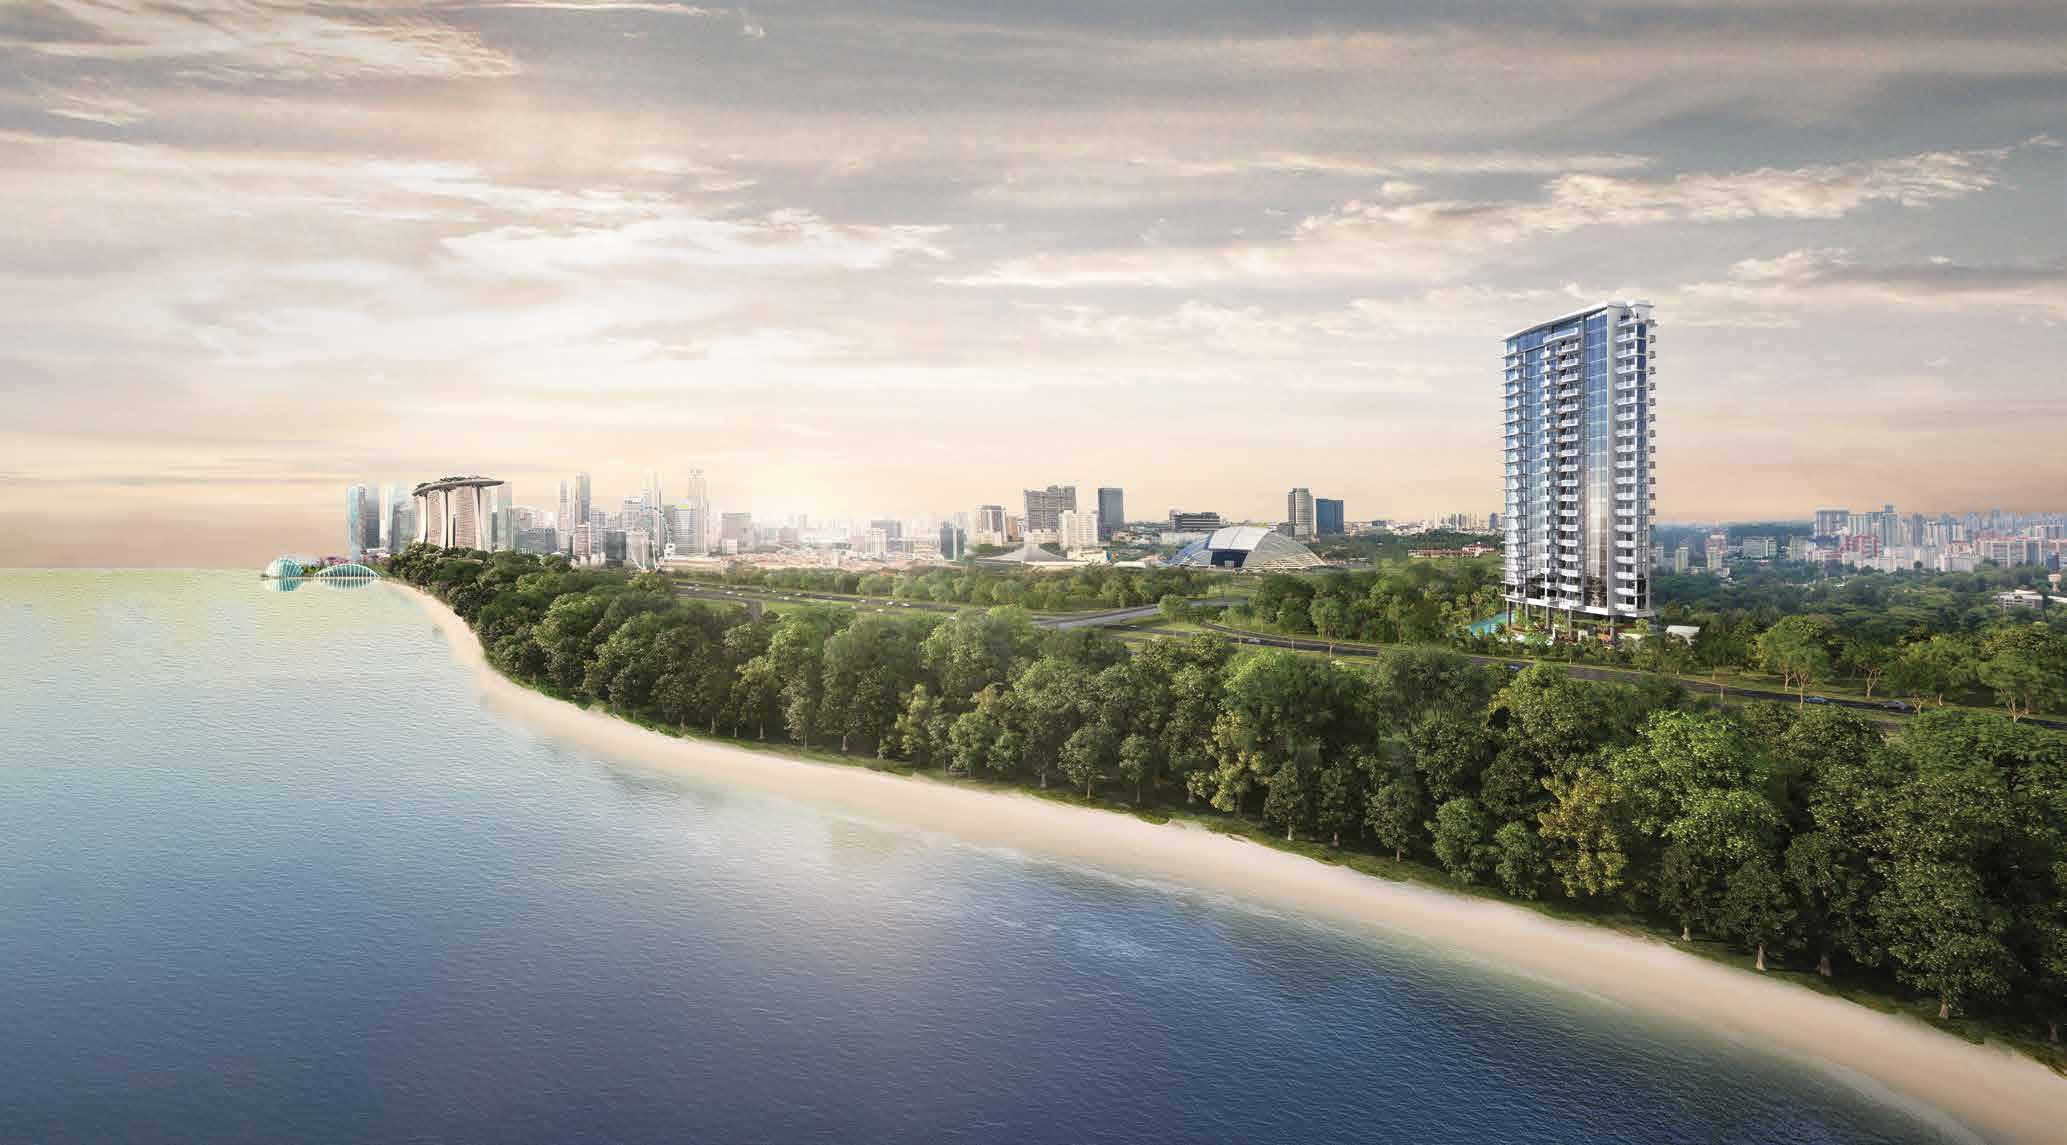 Artist's Impression . Coastline Residences at East Coast Singapore